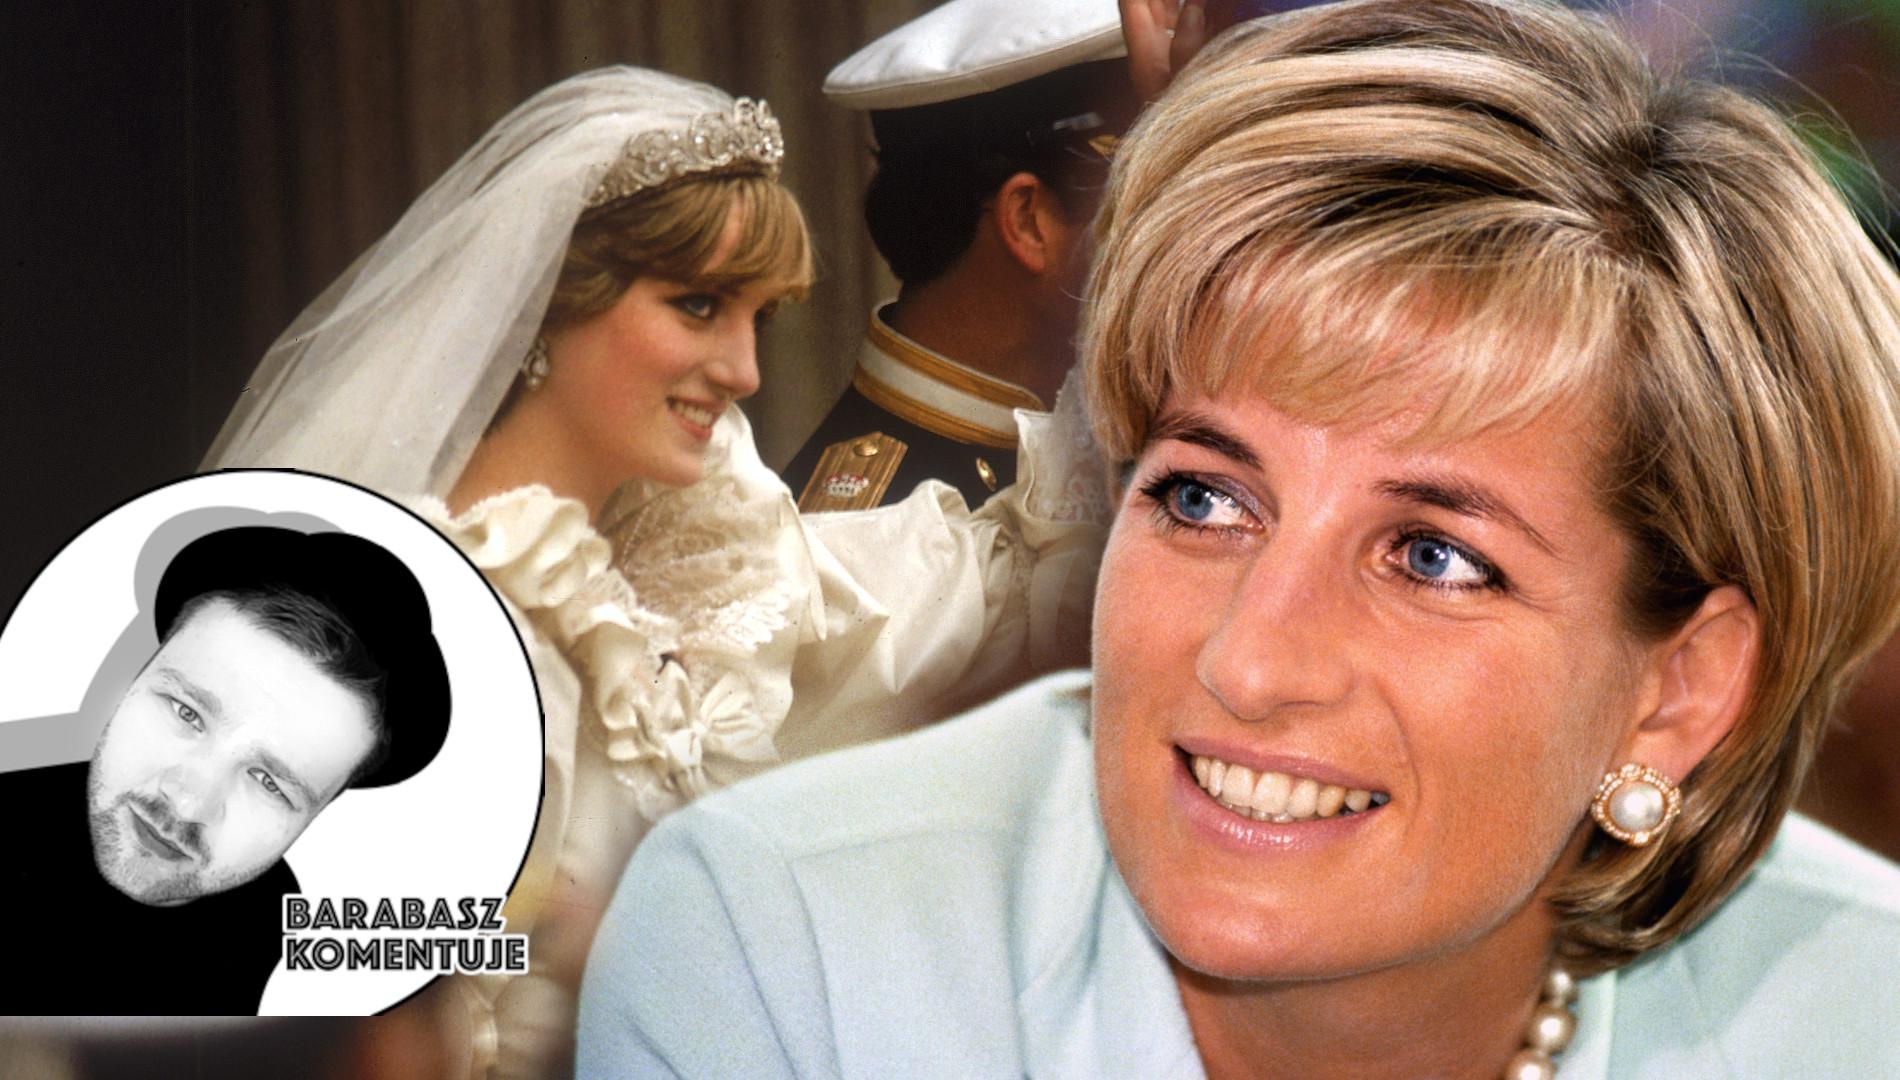 BARABASZ KOMENTUJE: Lady Diana – buntowniczka bez wyboru (FELIETON)